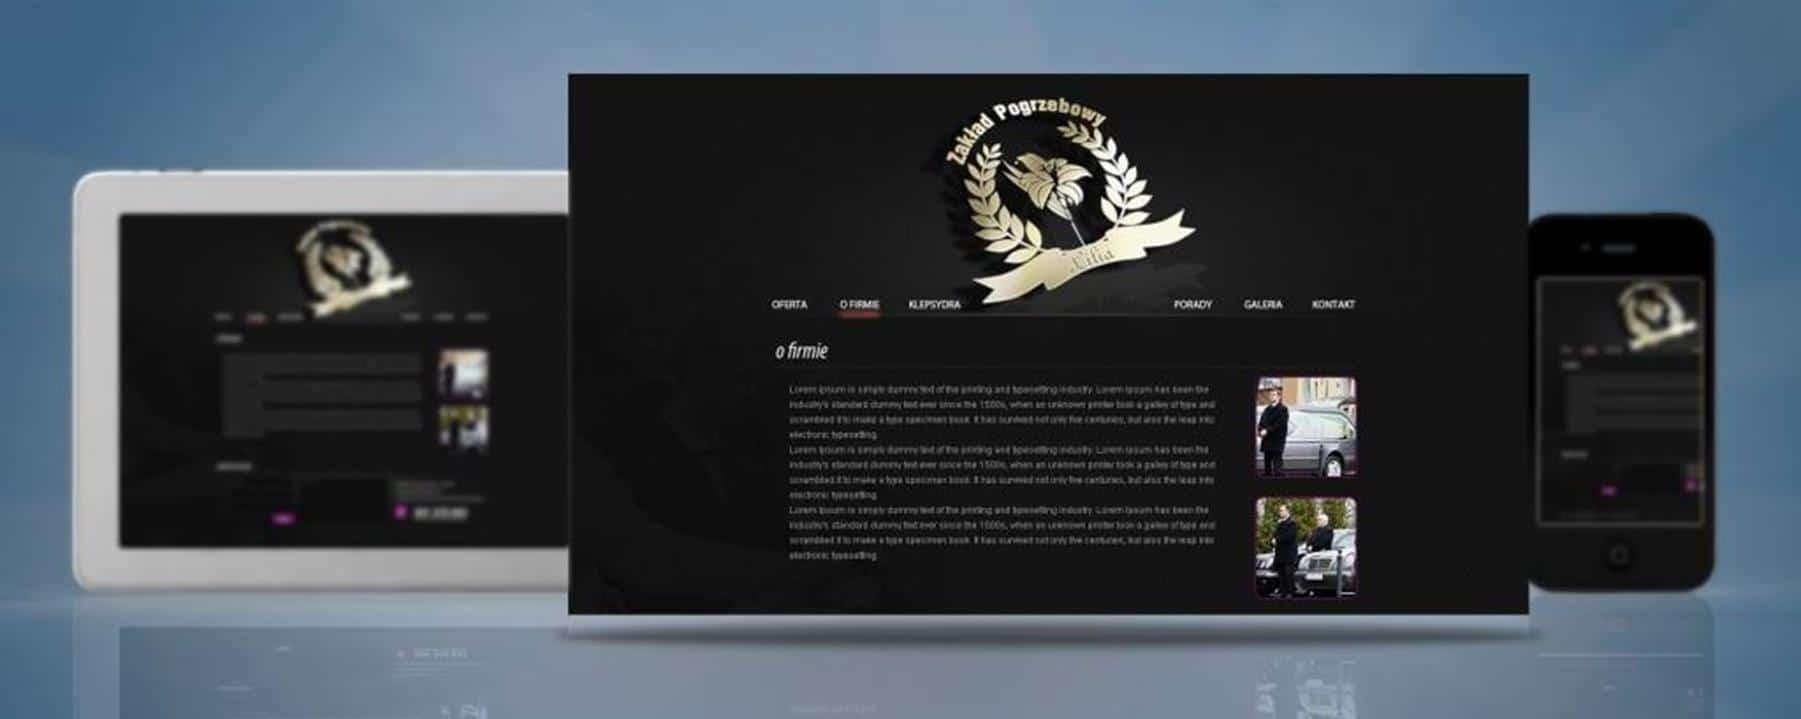 pogrzebowy_webside